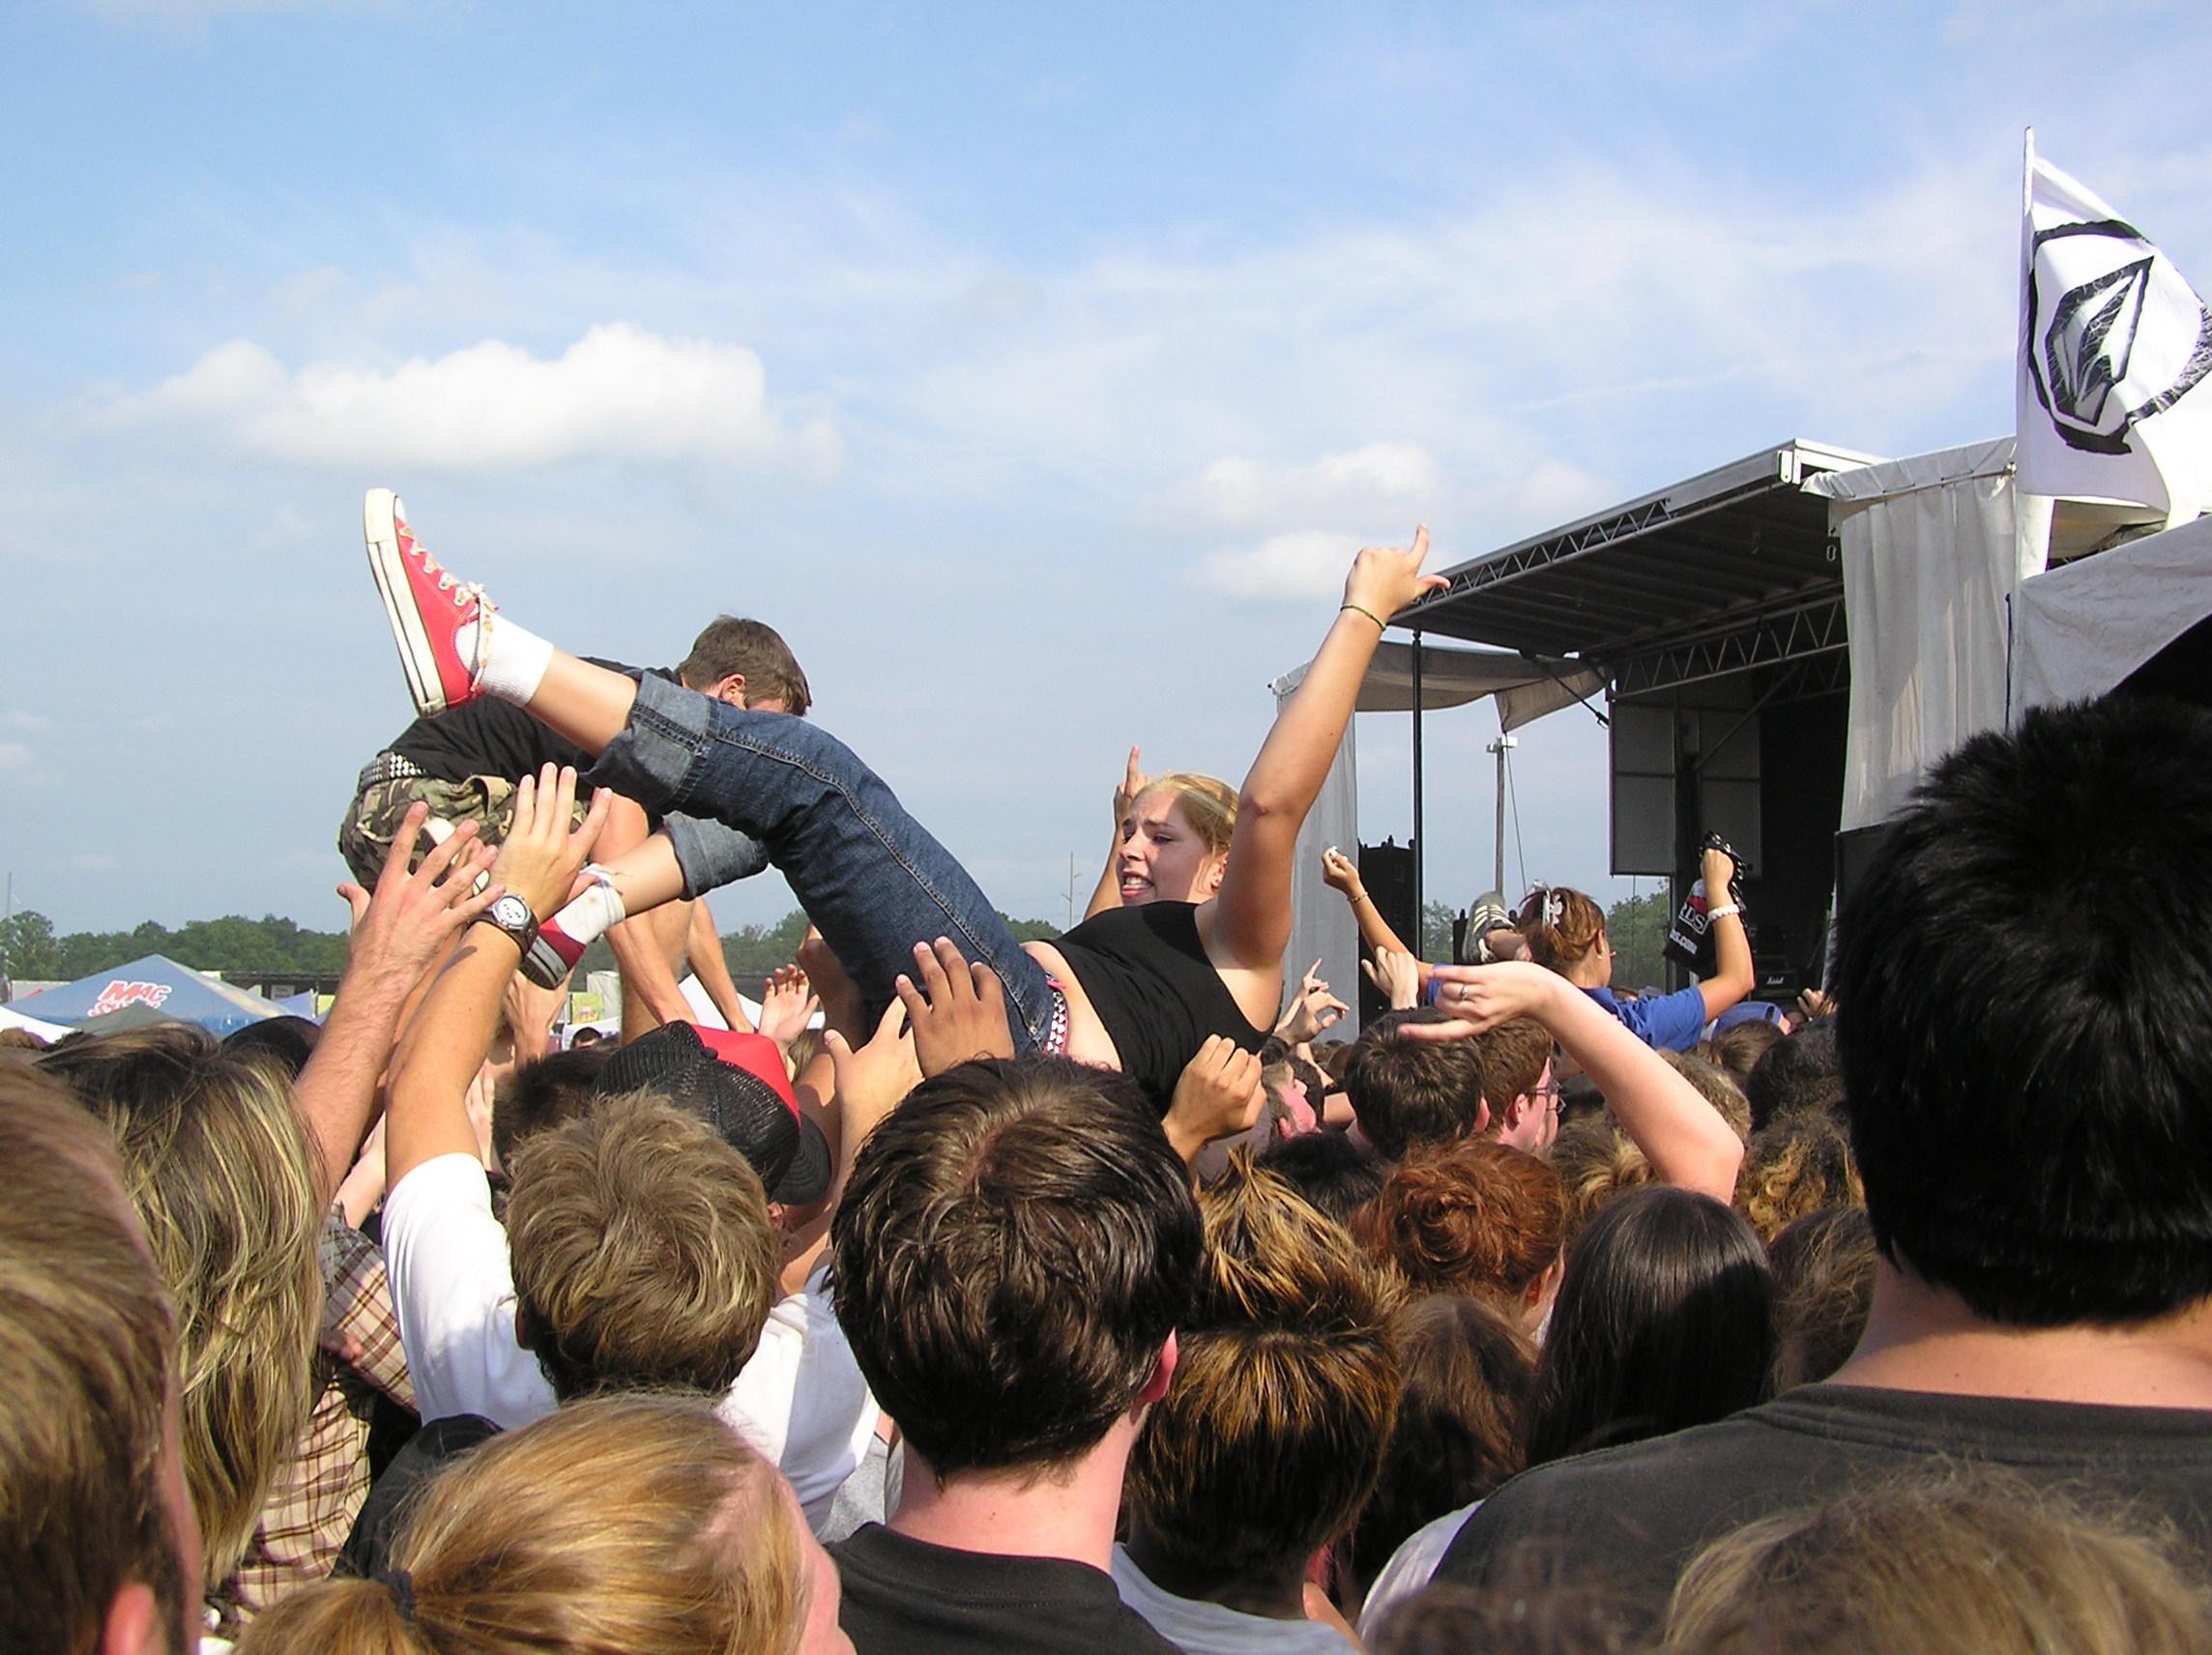 Warped Tour Crowd Surfing